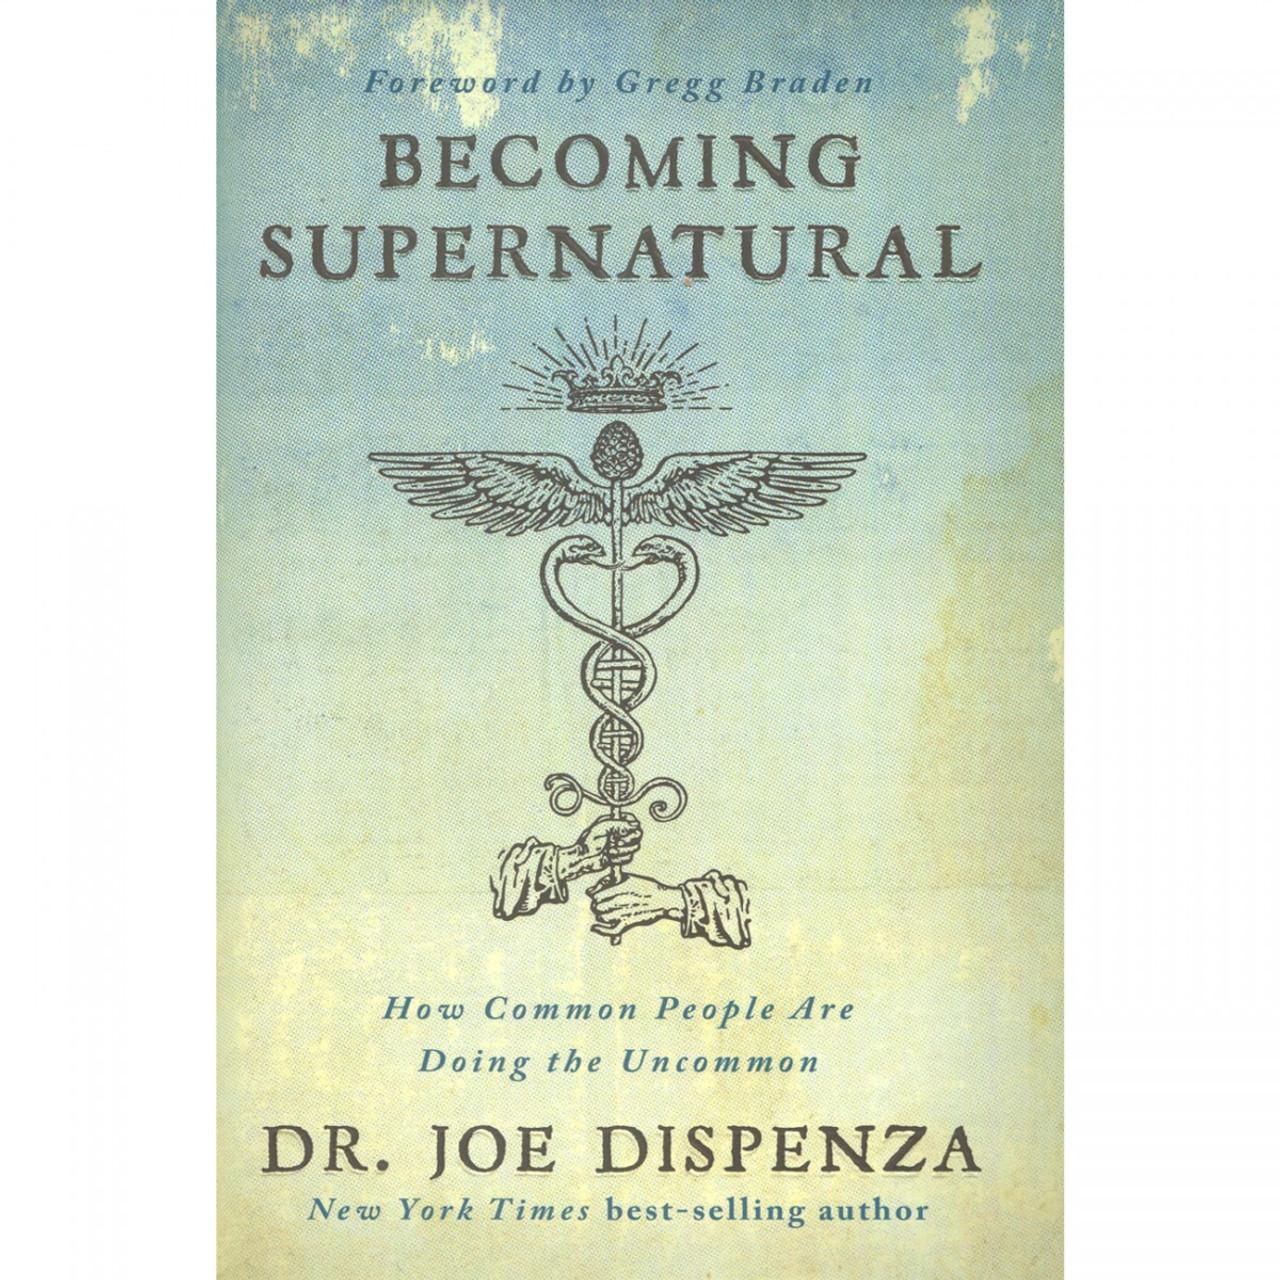 Becoming Supernatural by Dr Joe Dispenza